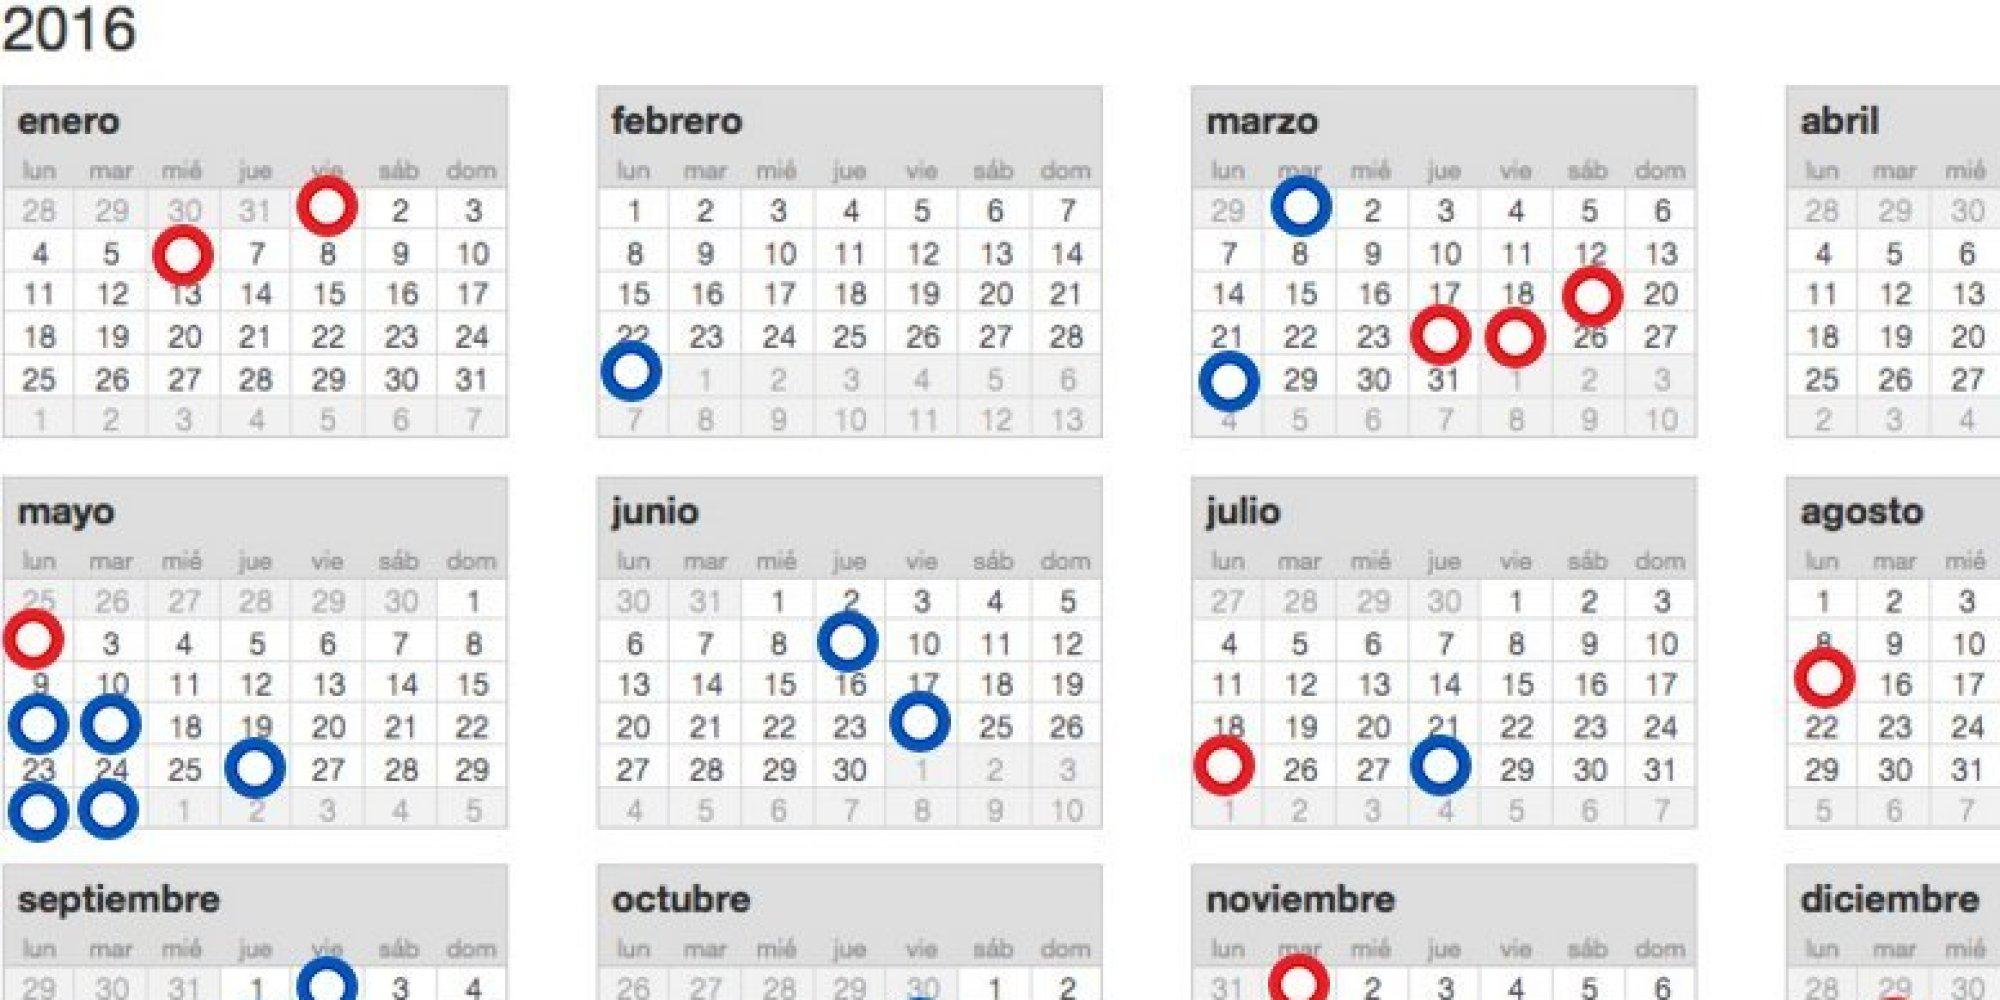 Calendario laboral 2016: estos son los días festivos